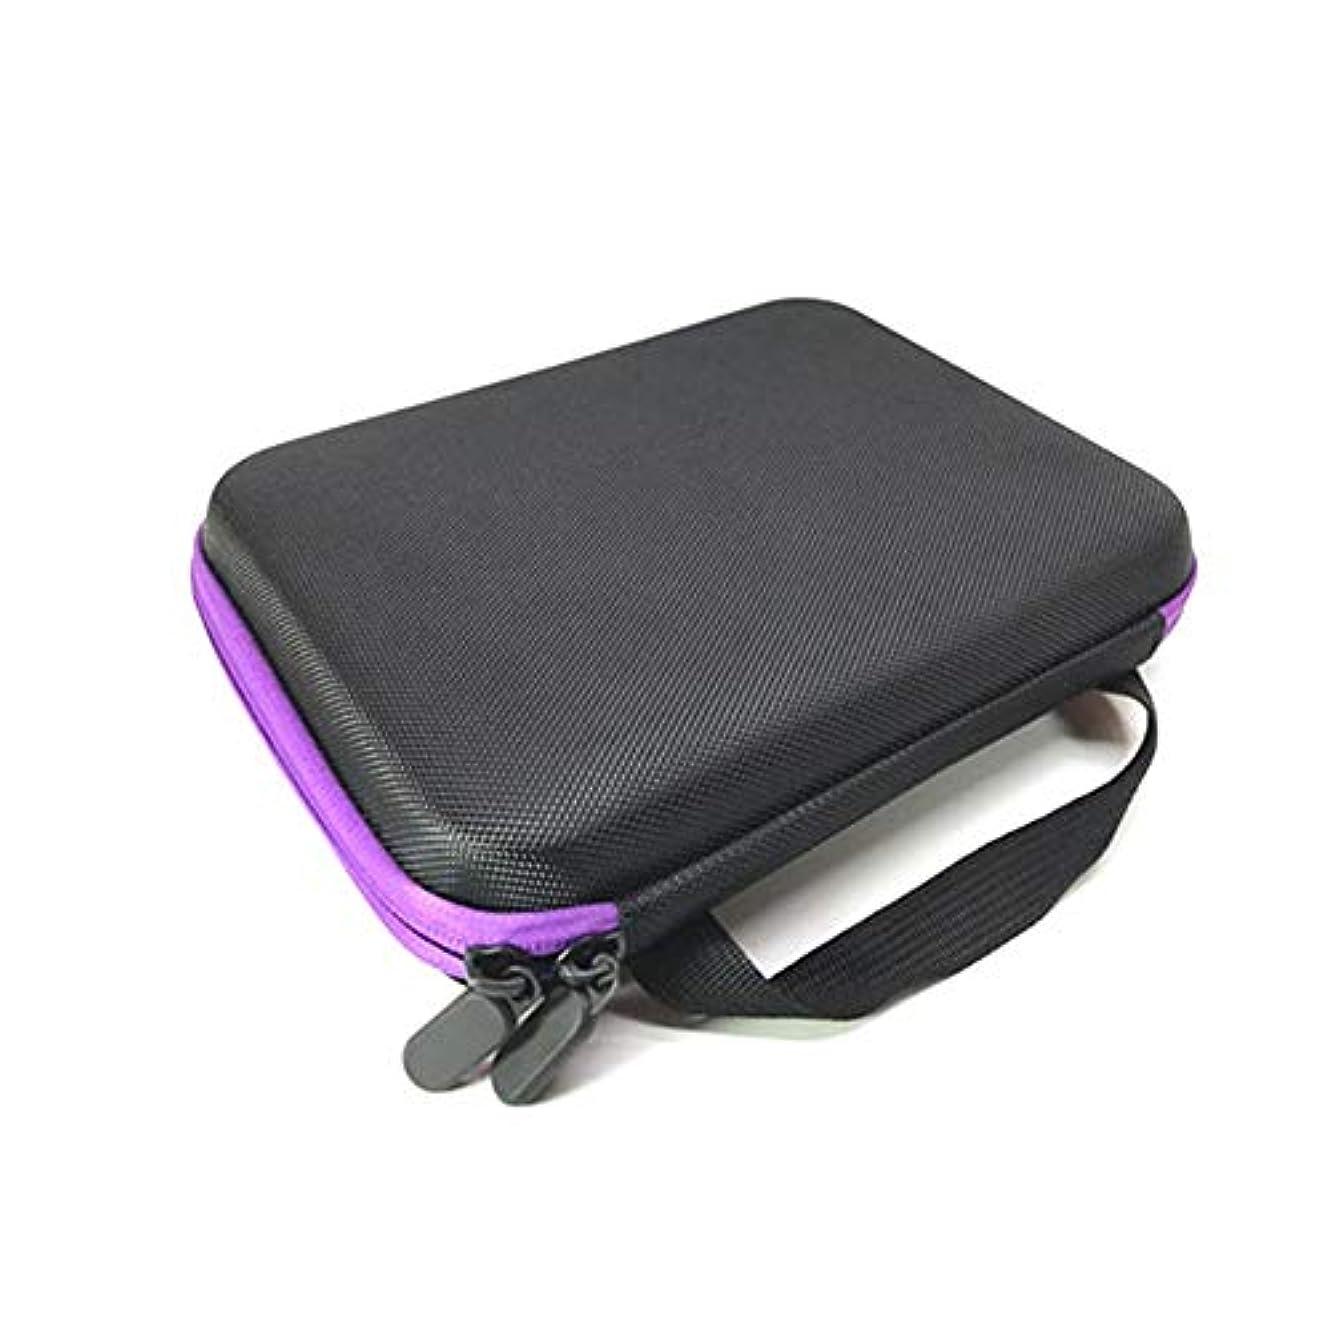 大きい学習者辛いCoinar アロマポーチ エッセンシャルオイル ケース 携帯用 エッセンシャルオイル収納ボックス アロマケース ボックス 香水収納ケース 15ml アロマオイル収納ボックス 19本用